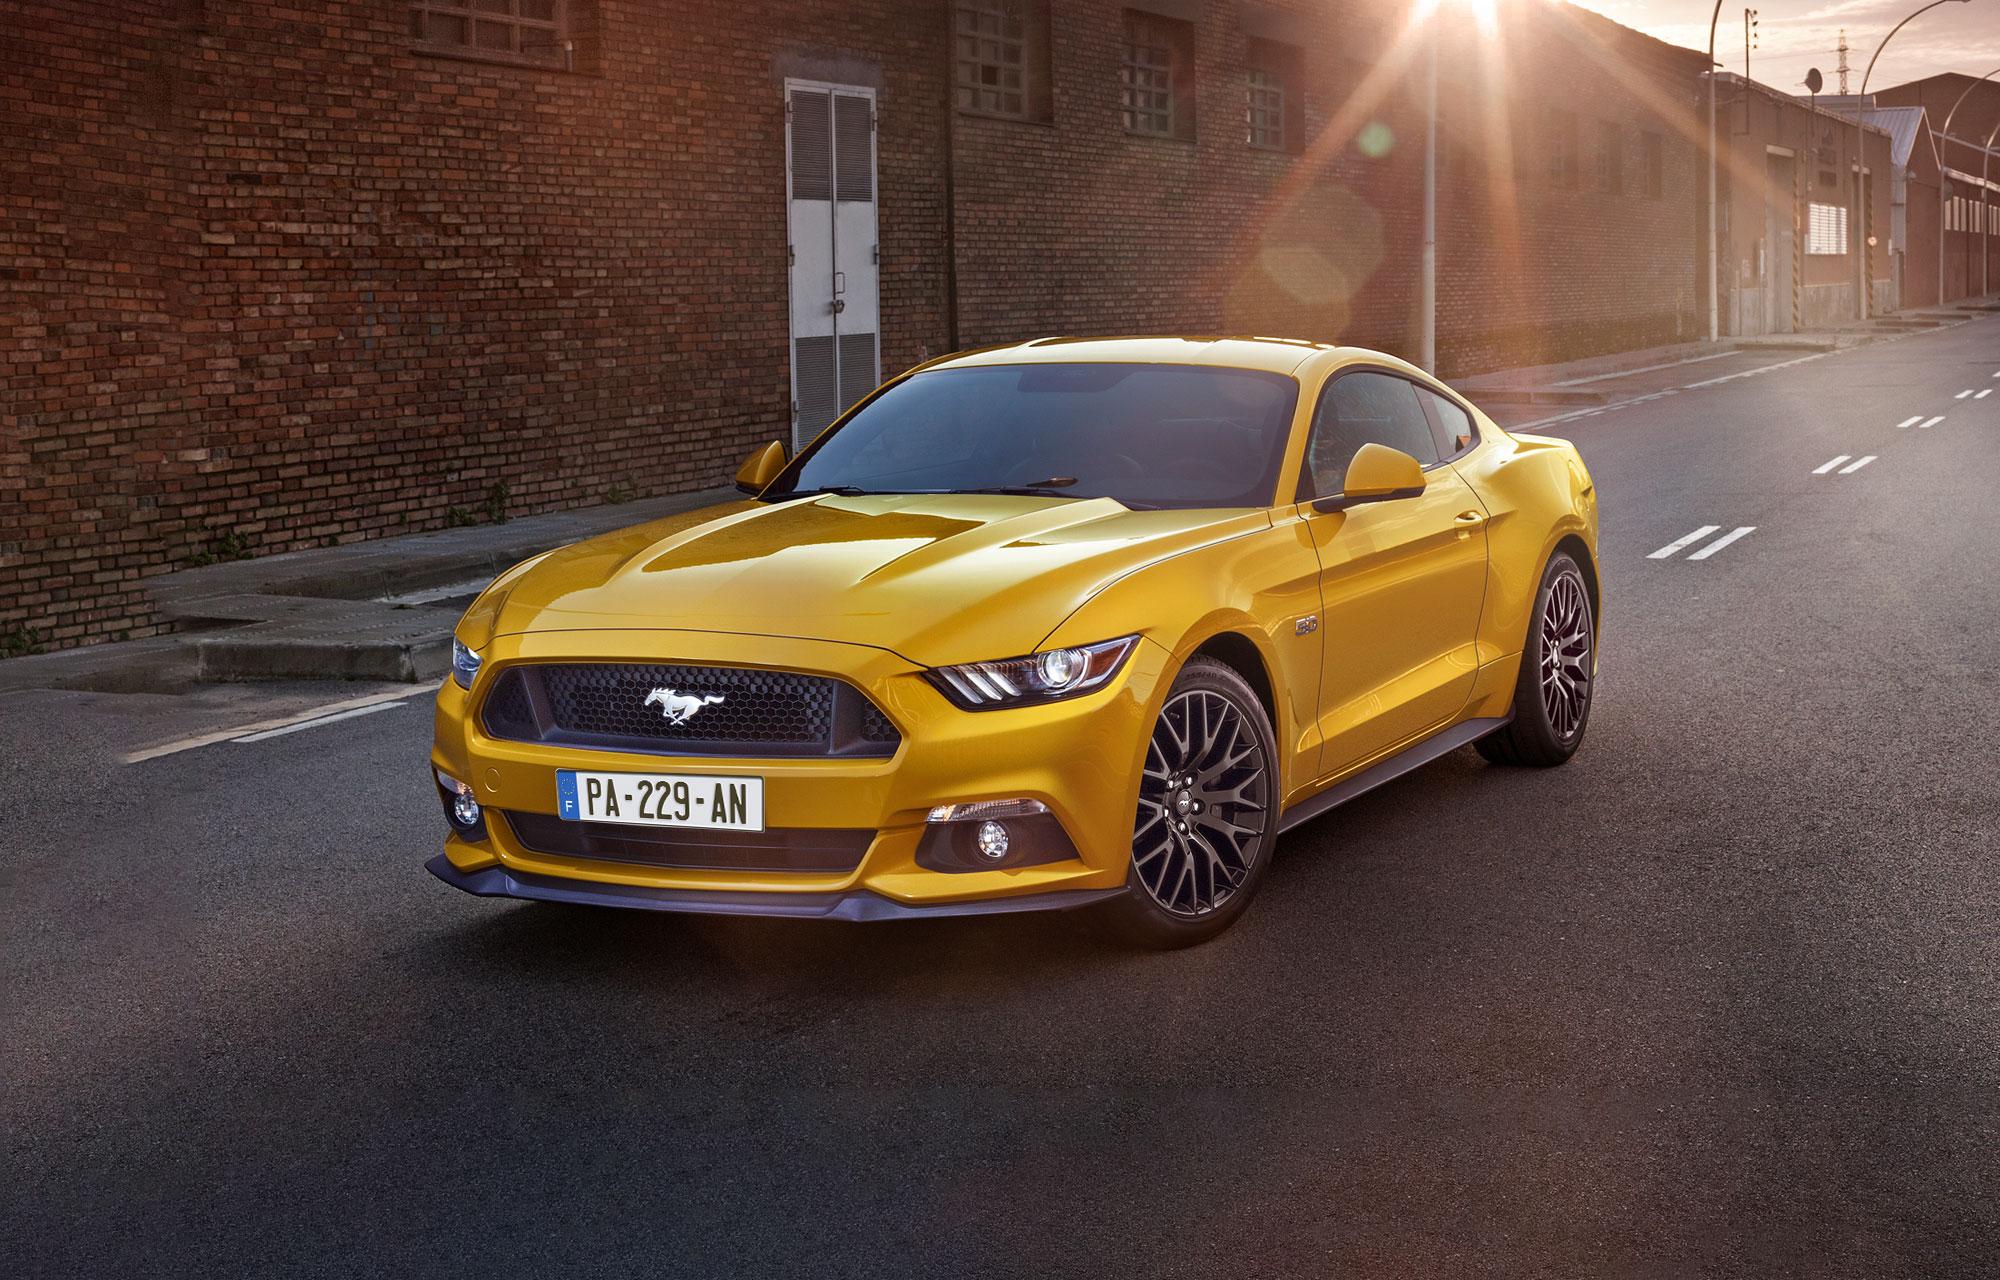 Essayez la légendaire Ford Mustang